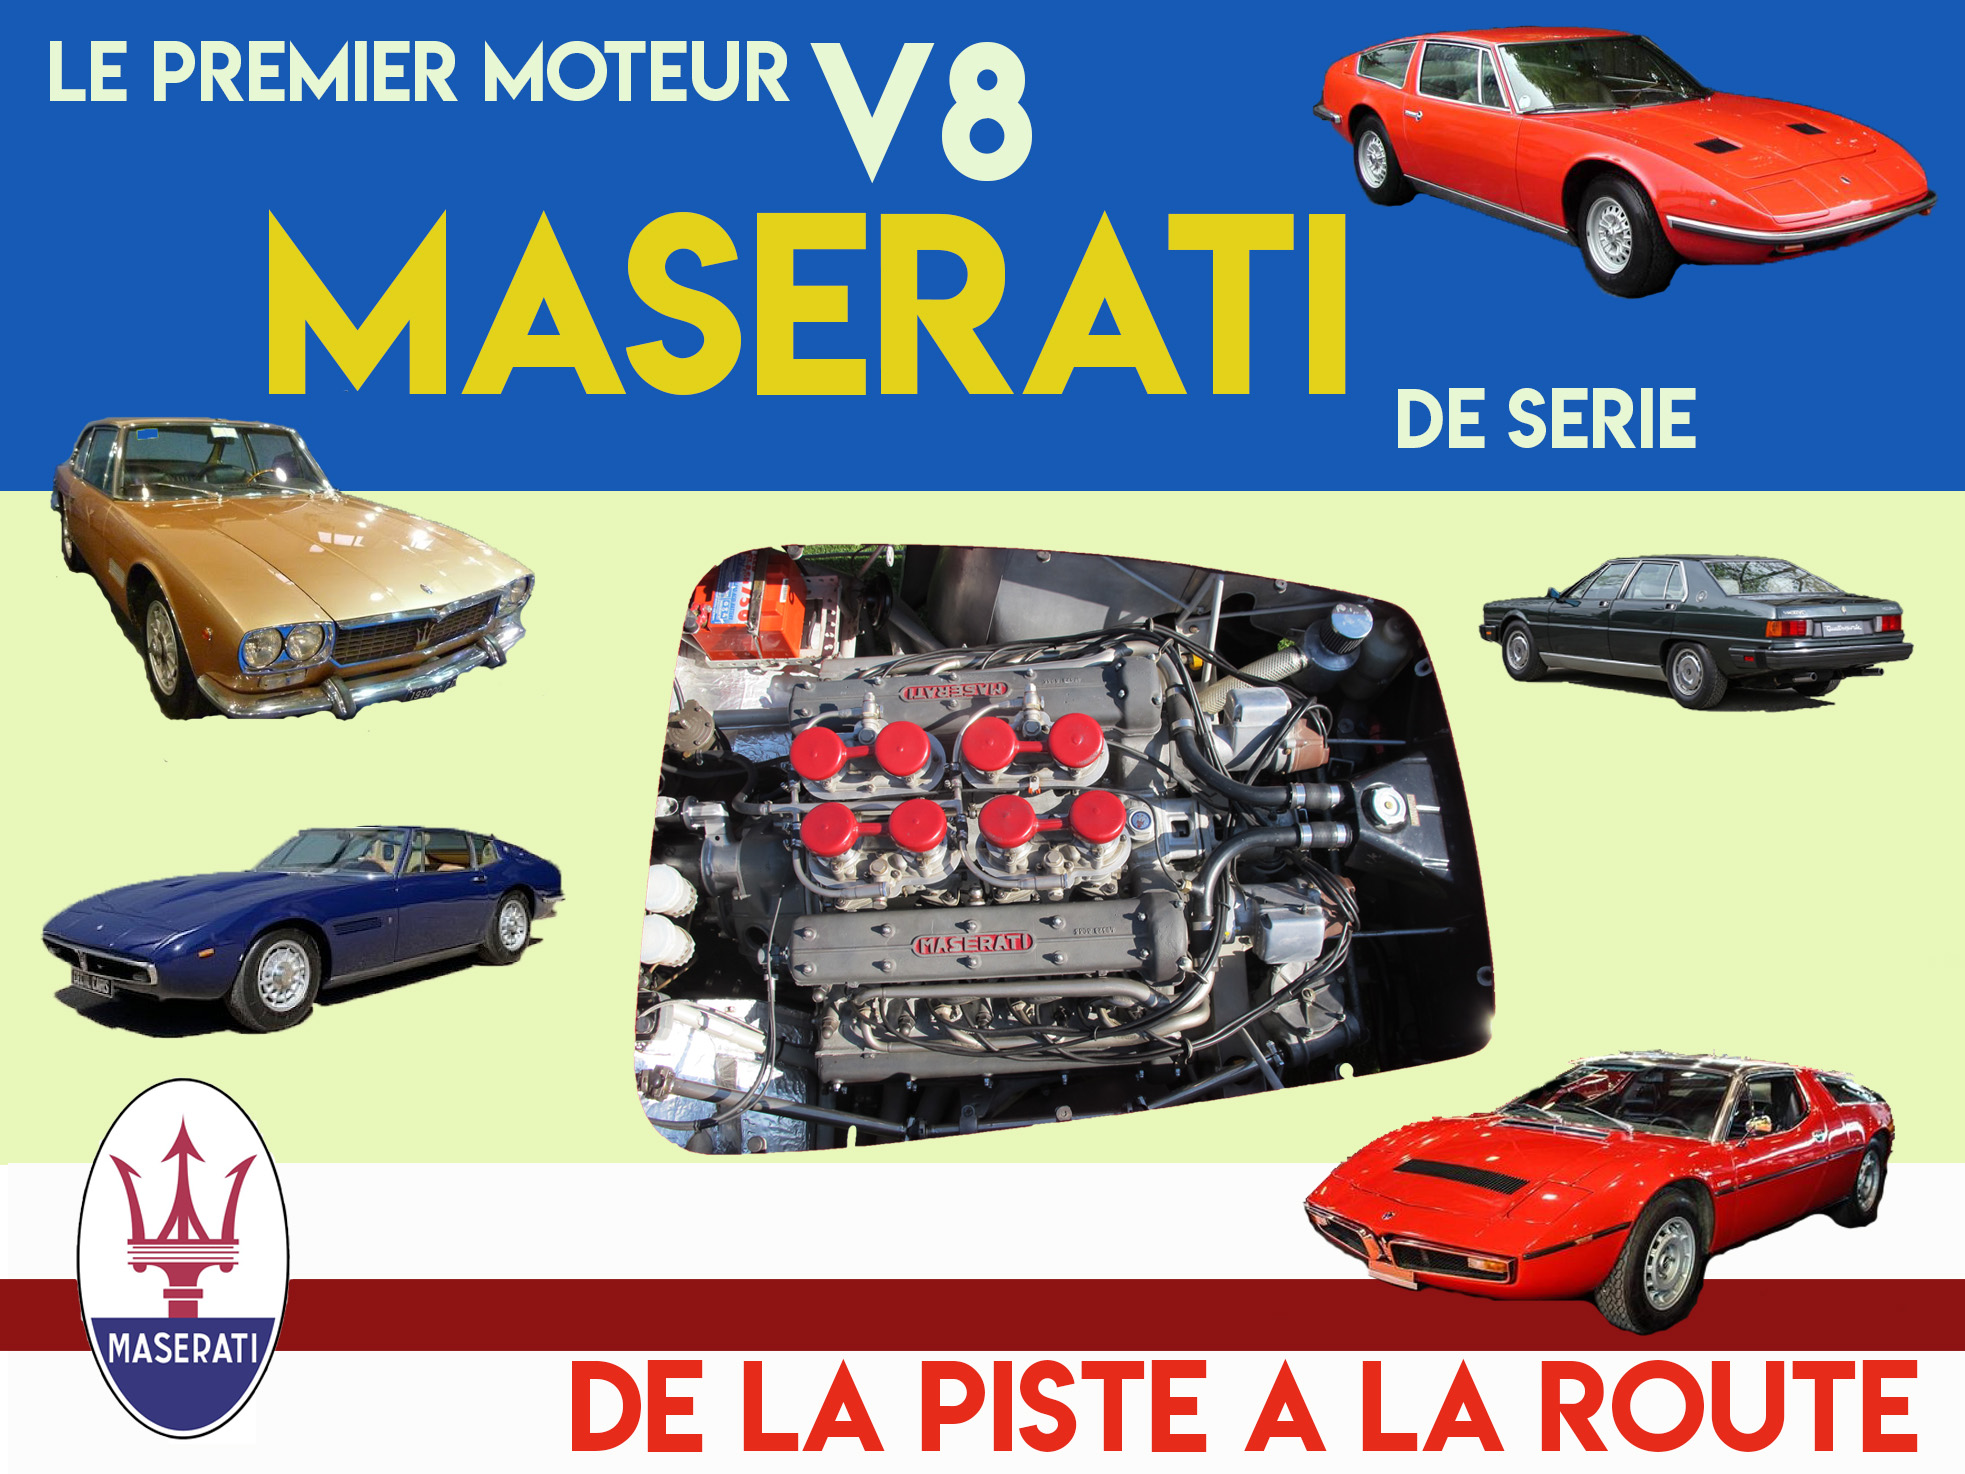 Le moteur V8 Maserati  2